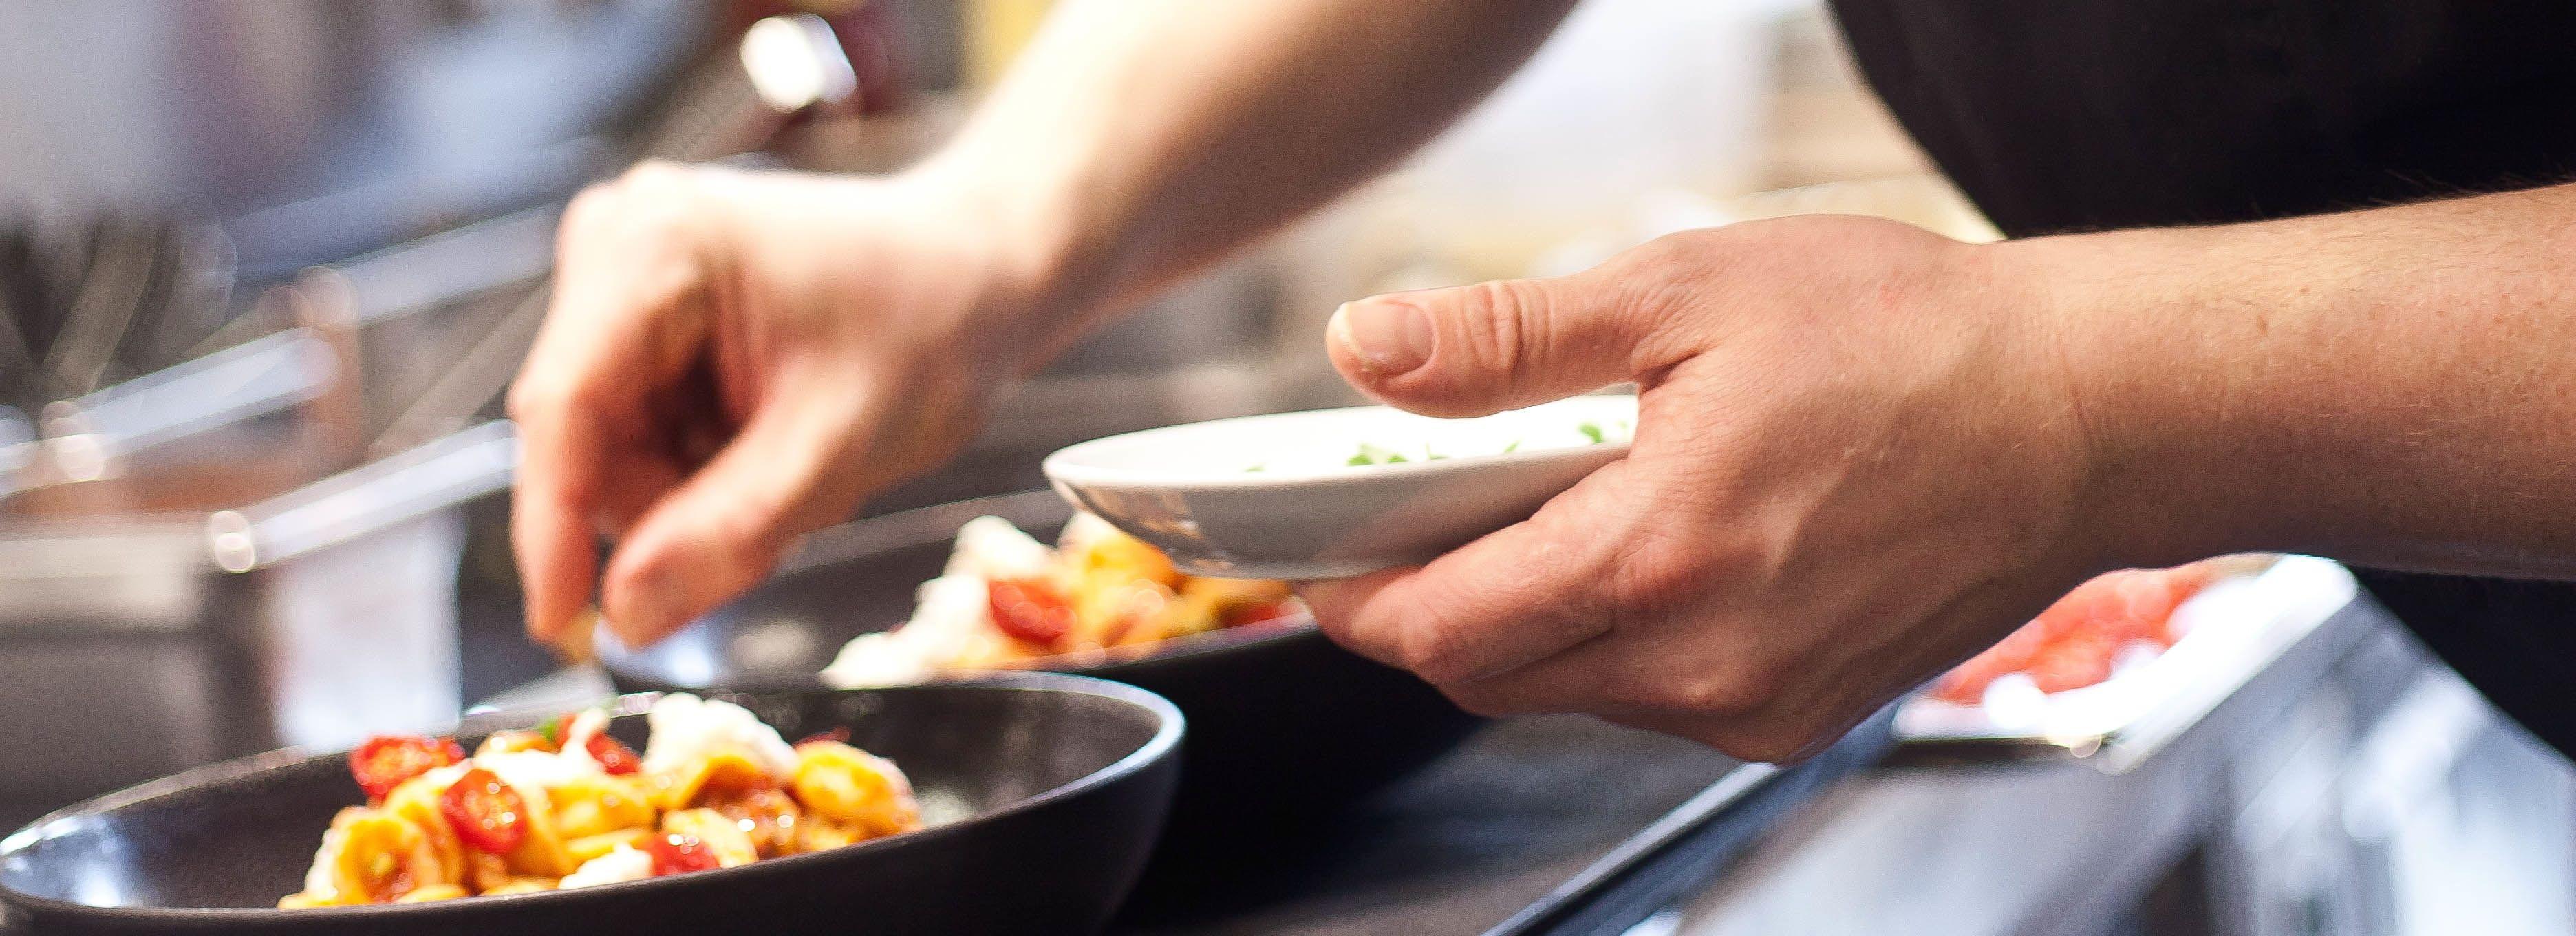 Regionalität an sich ist wertlos. Culinary Art 2015